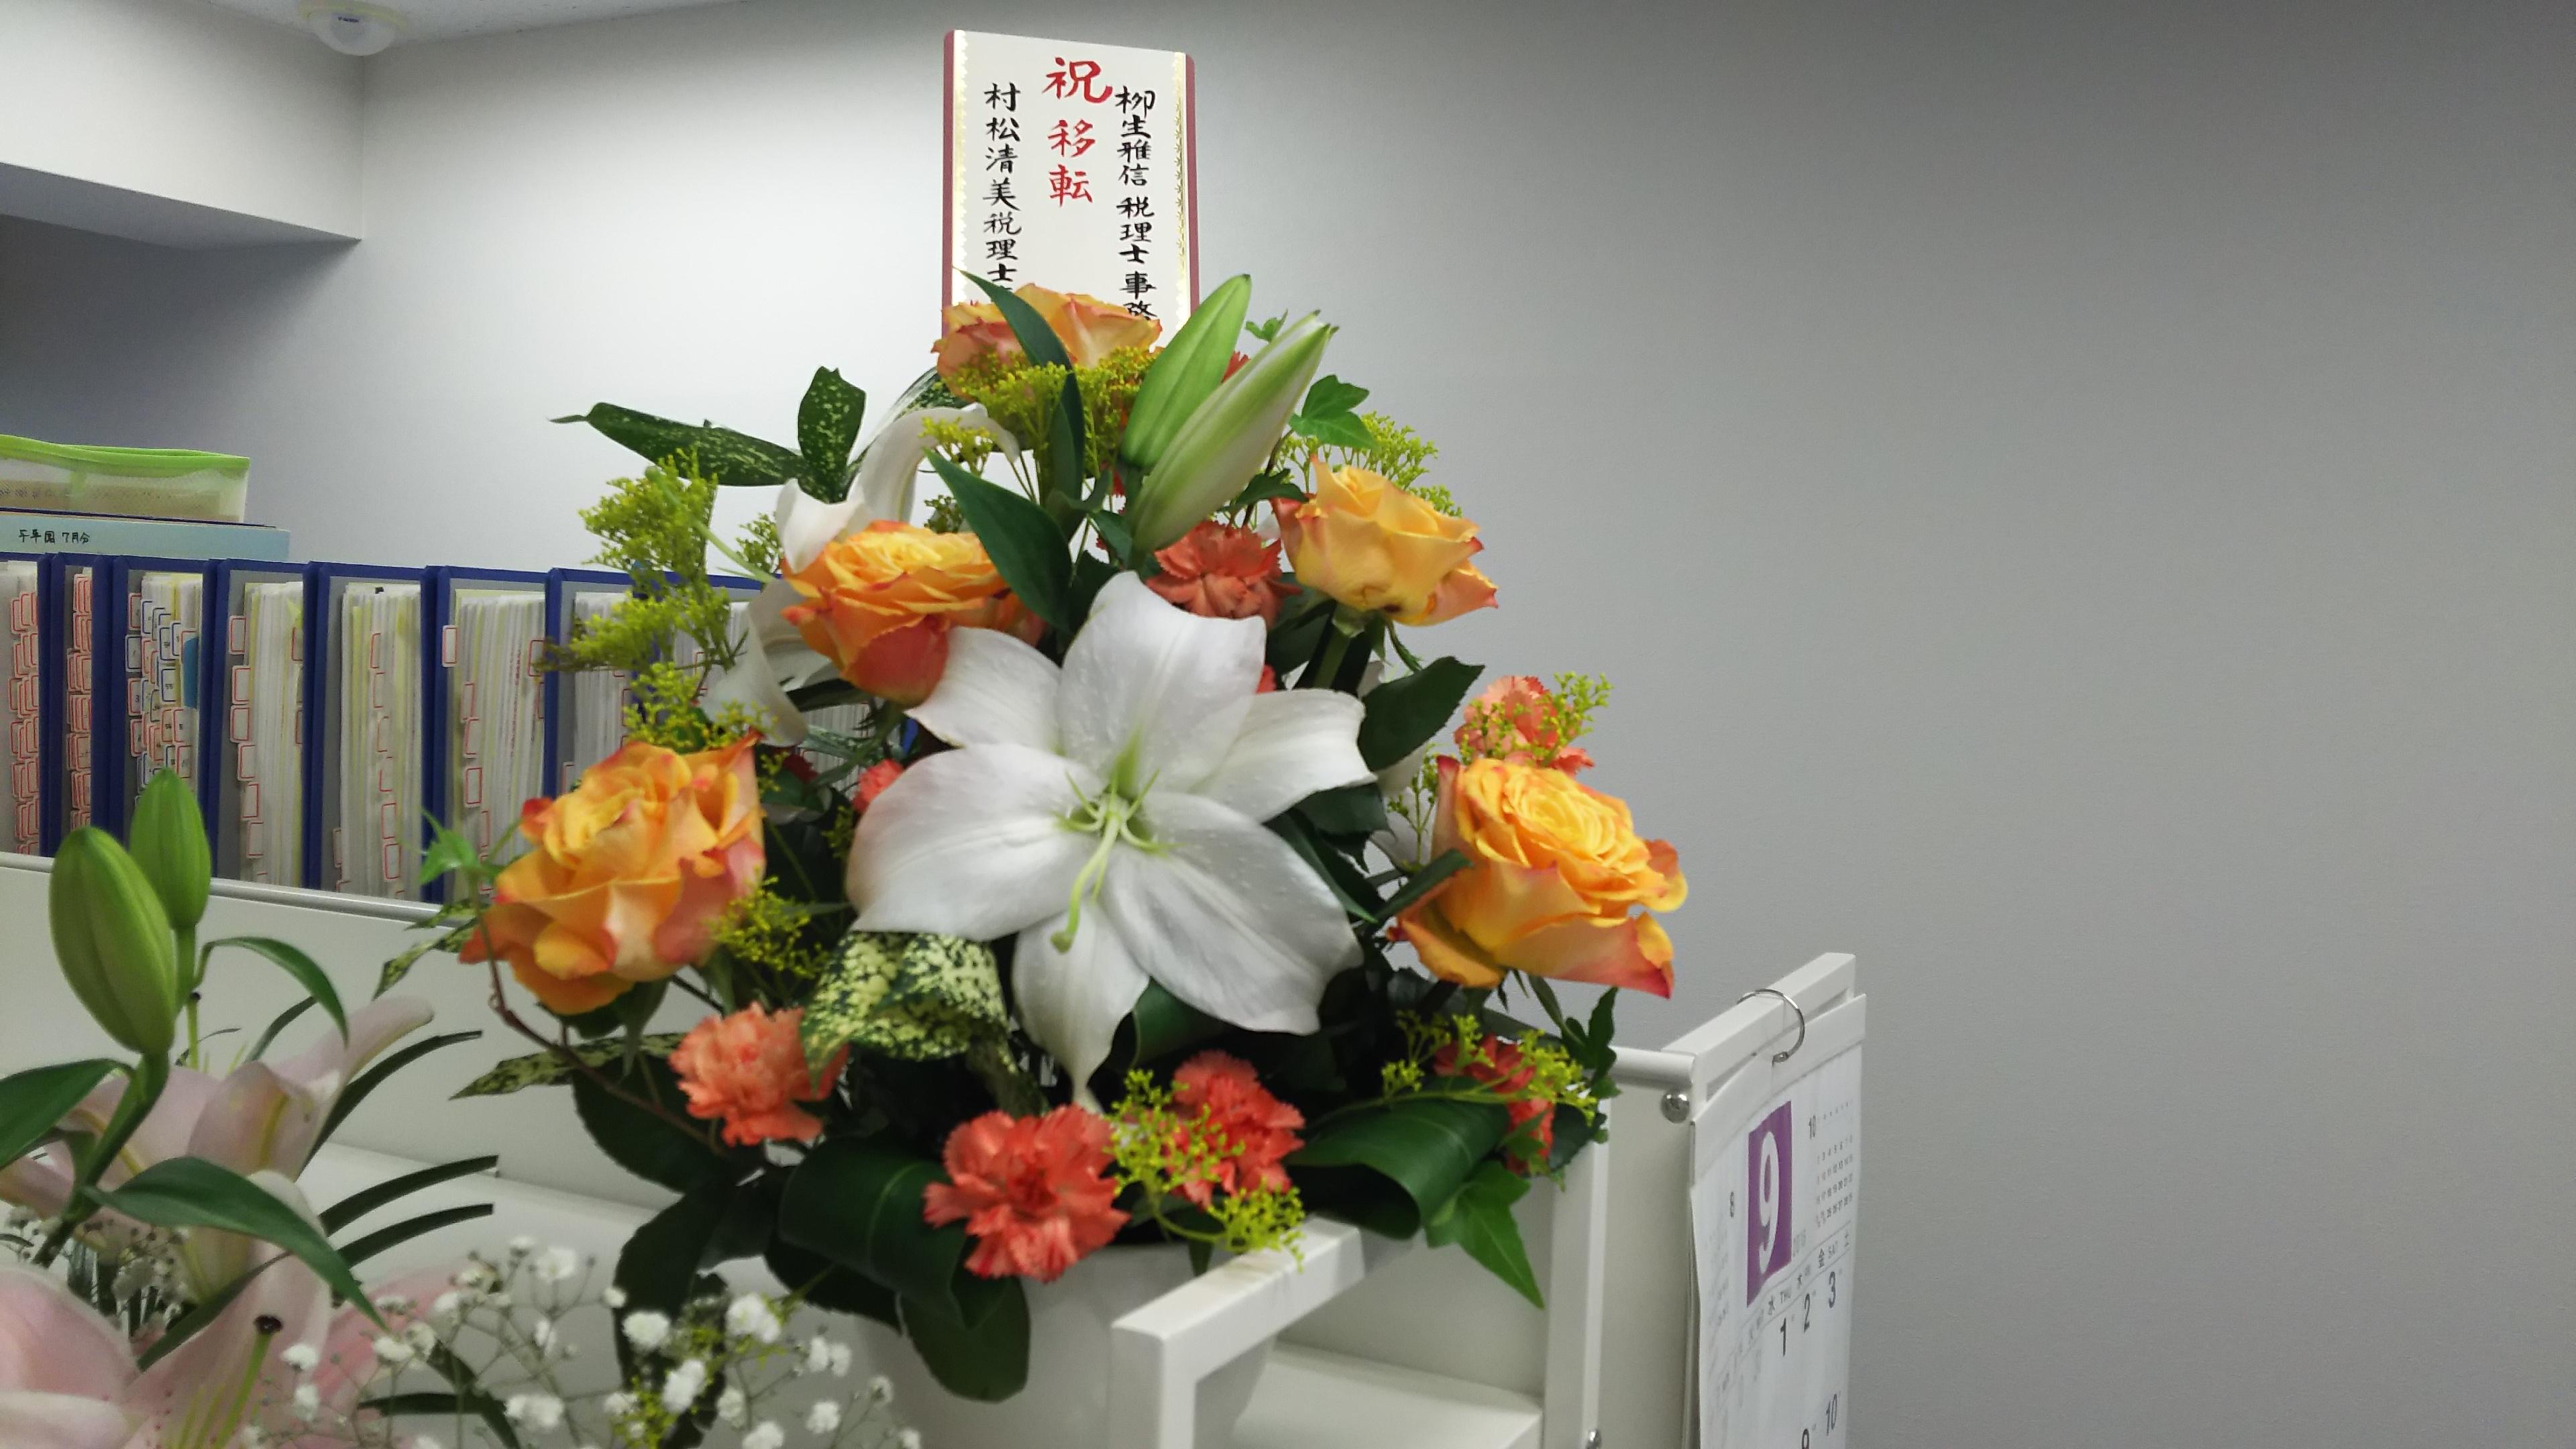 柳生雅信税理士事務所お祝いの花